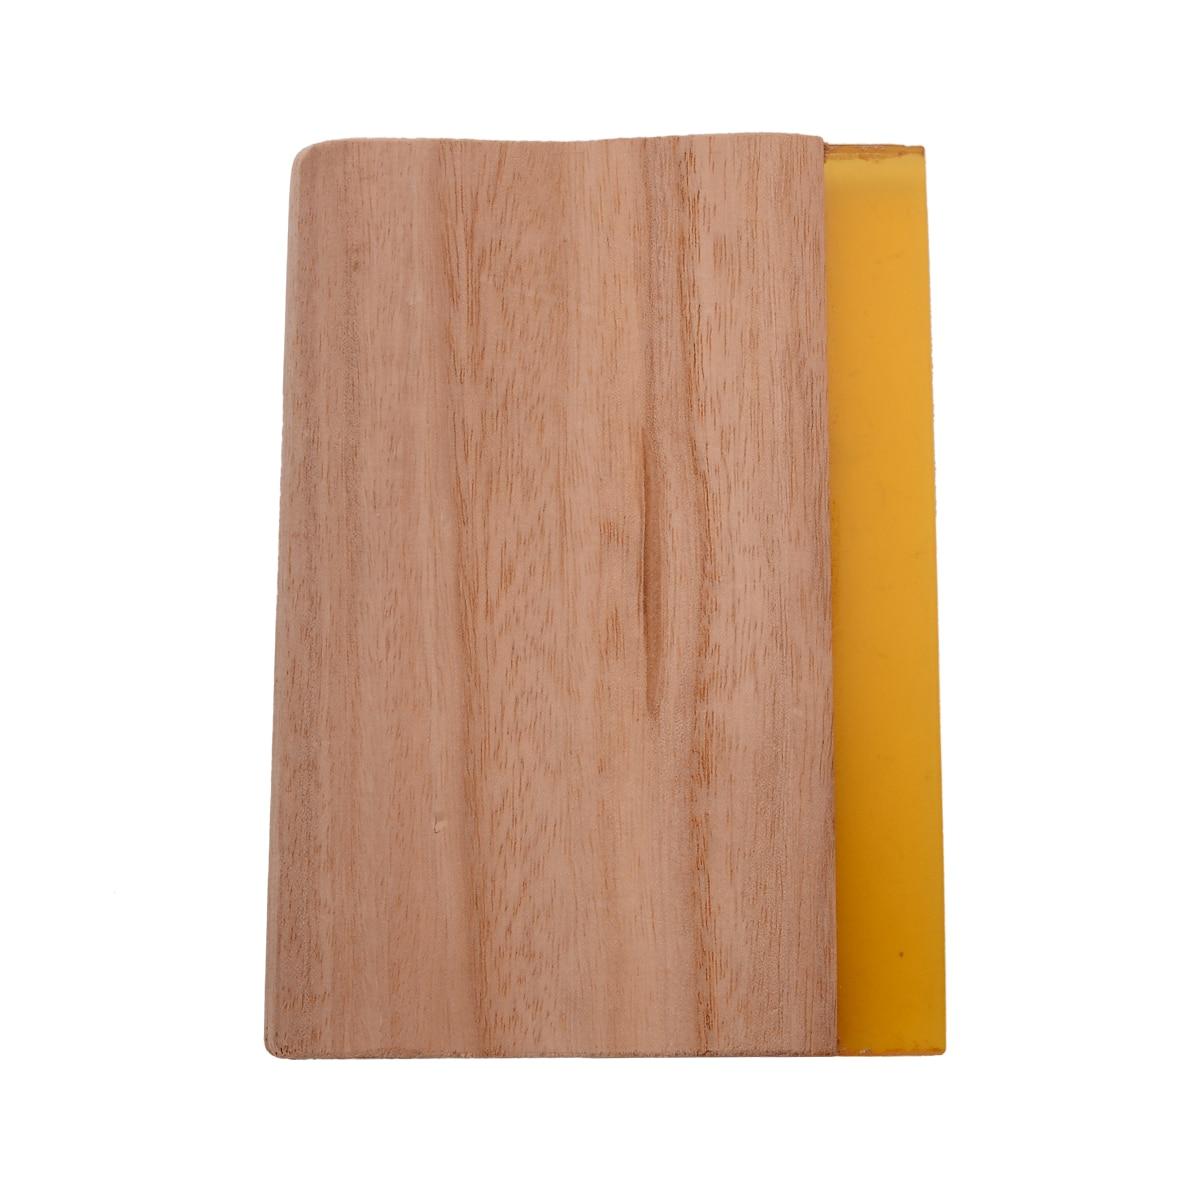 6 pulgadas de longitud Serigrafía Escurridor Mango de madera Seda - Piezas para maquinas de carpinteria - foto 3